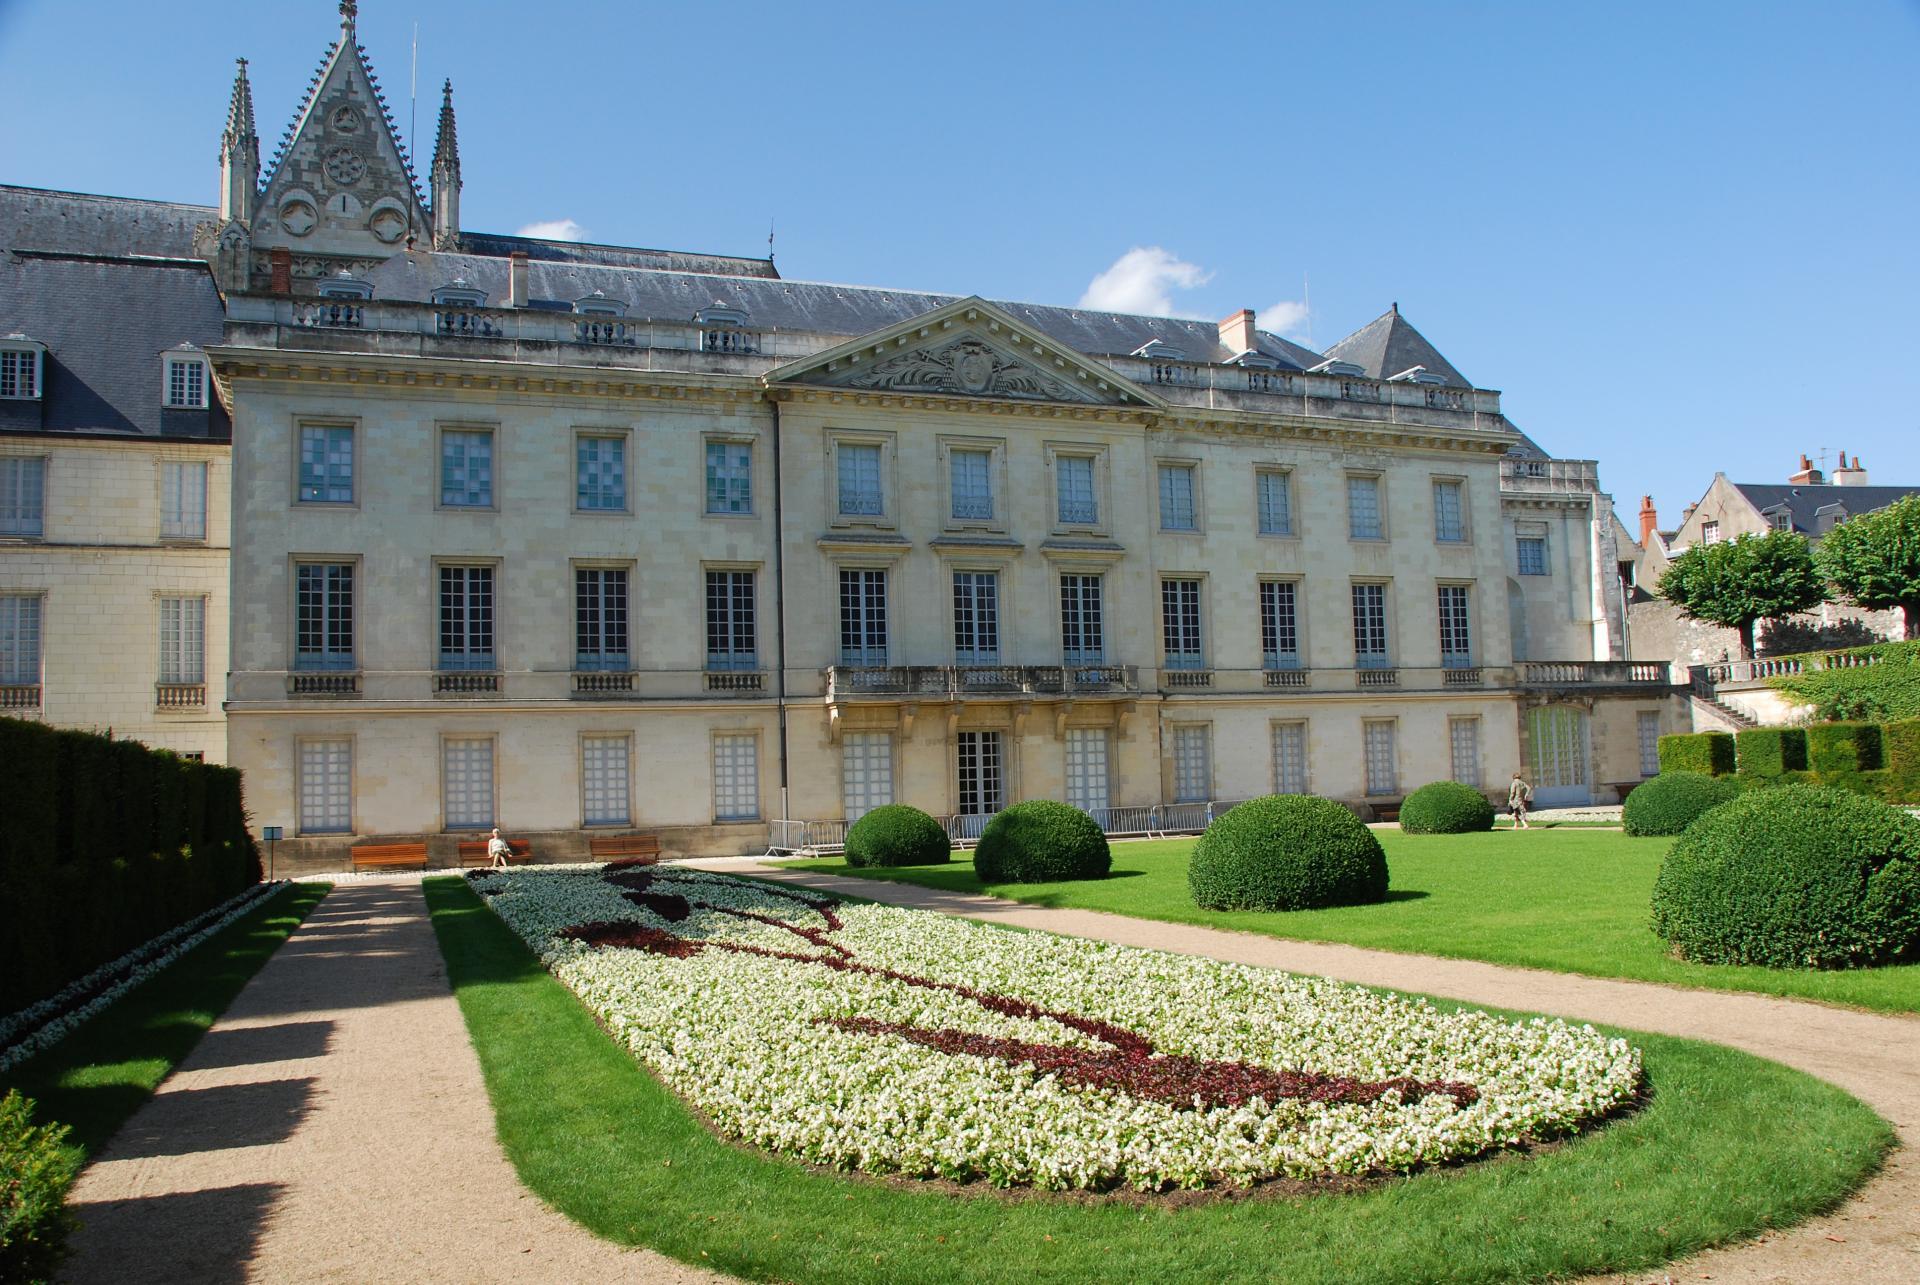 L'ACTU : TOURS : LE MUSÉE DES BEAUX ARTS SERA EXCEPTIONNELLEMENT OUVERT CE SAMEDI 20 MARS